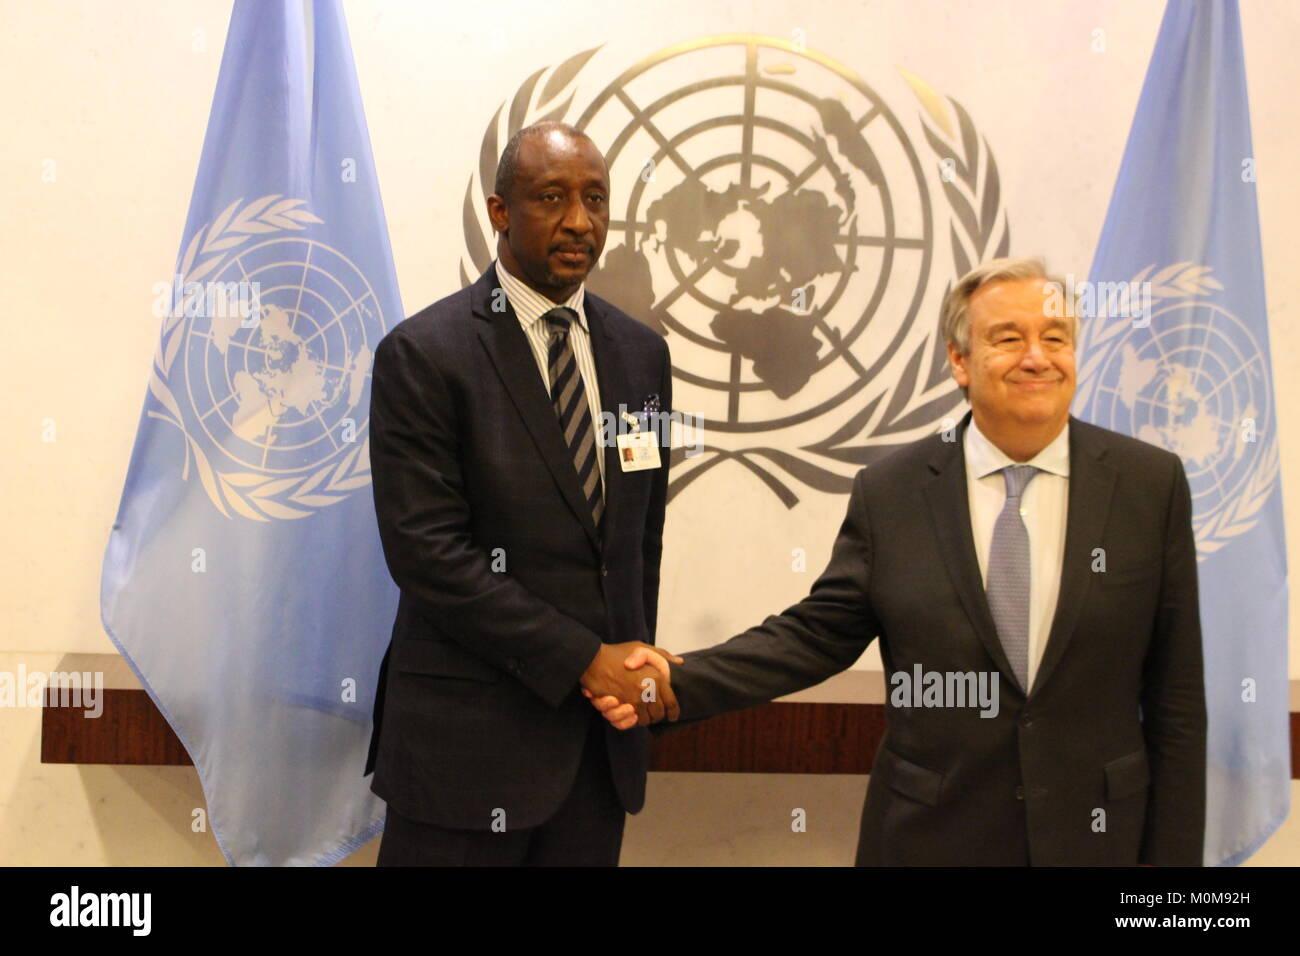 UN, New York, USA. 22nd Jan, 2018. UN Sec-Gen Antonio Guterres met Mali's Foreign Minister Tieman Hubert Coulibaly. Stock Photo